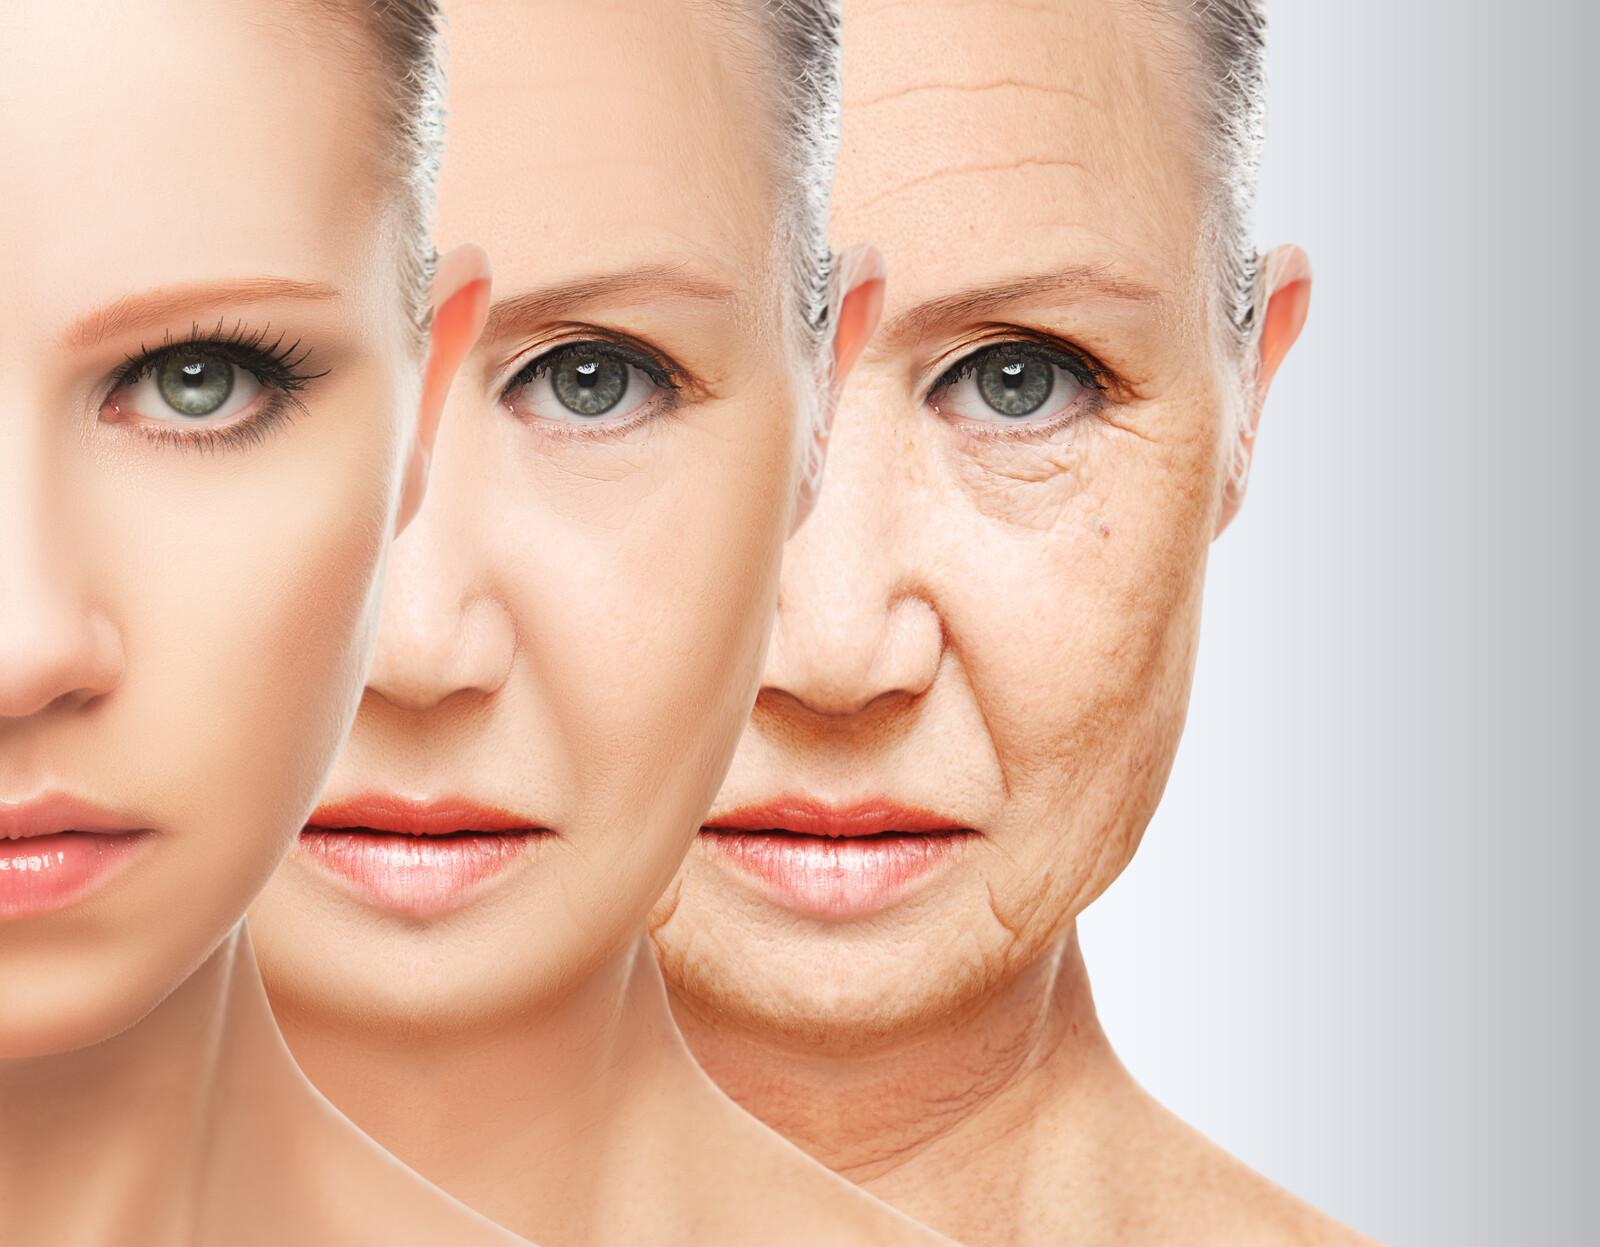 Прогерия — это не ускоренное старение, а, вероятно, болезнь, похожая на старение. если, что-то продлевает жизнь прогерийным мышам, то это может не влиять на старение обычных долгоживущих мышей